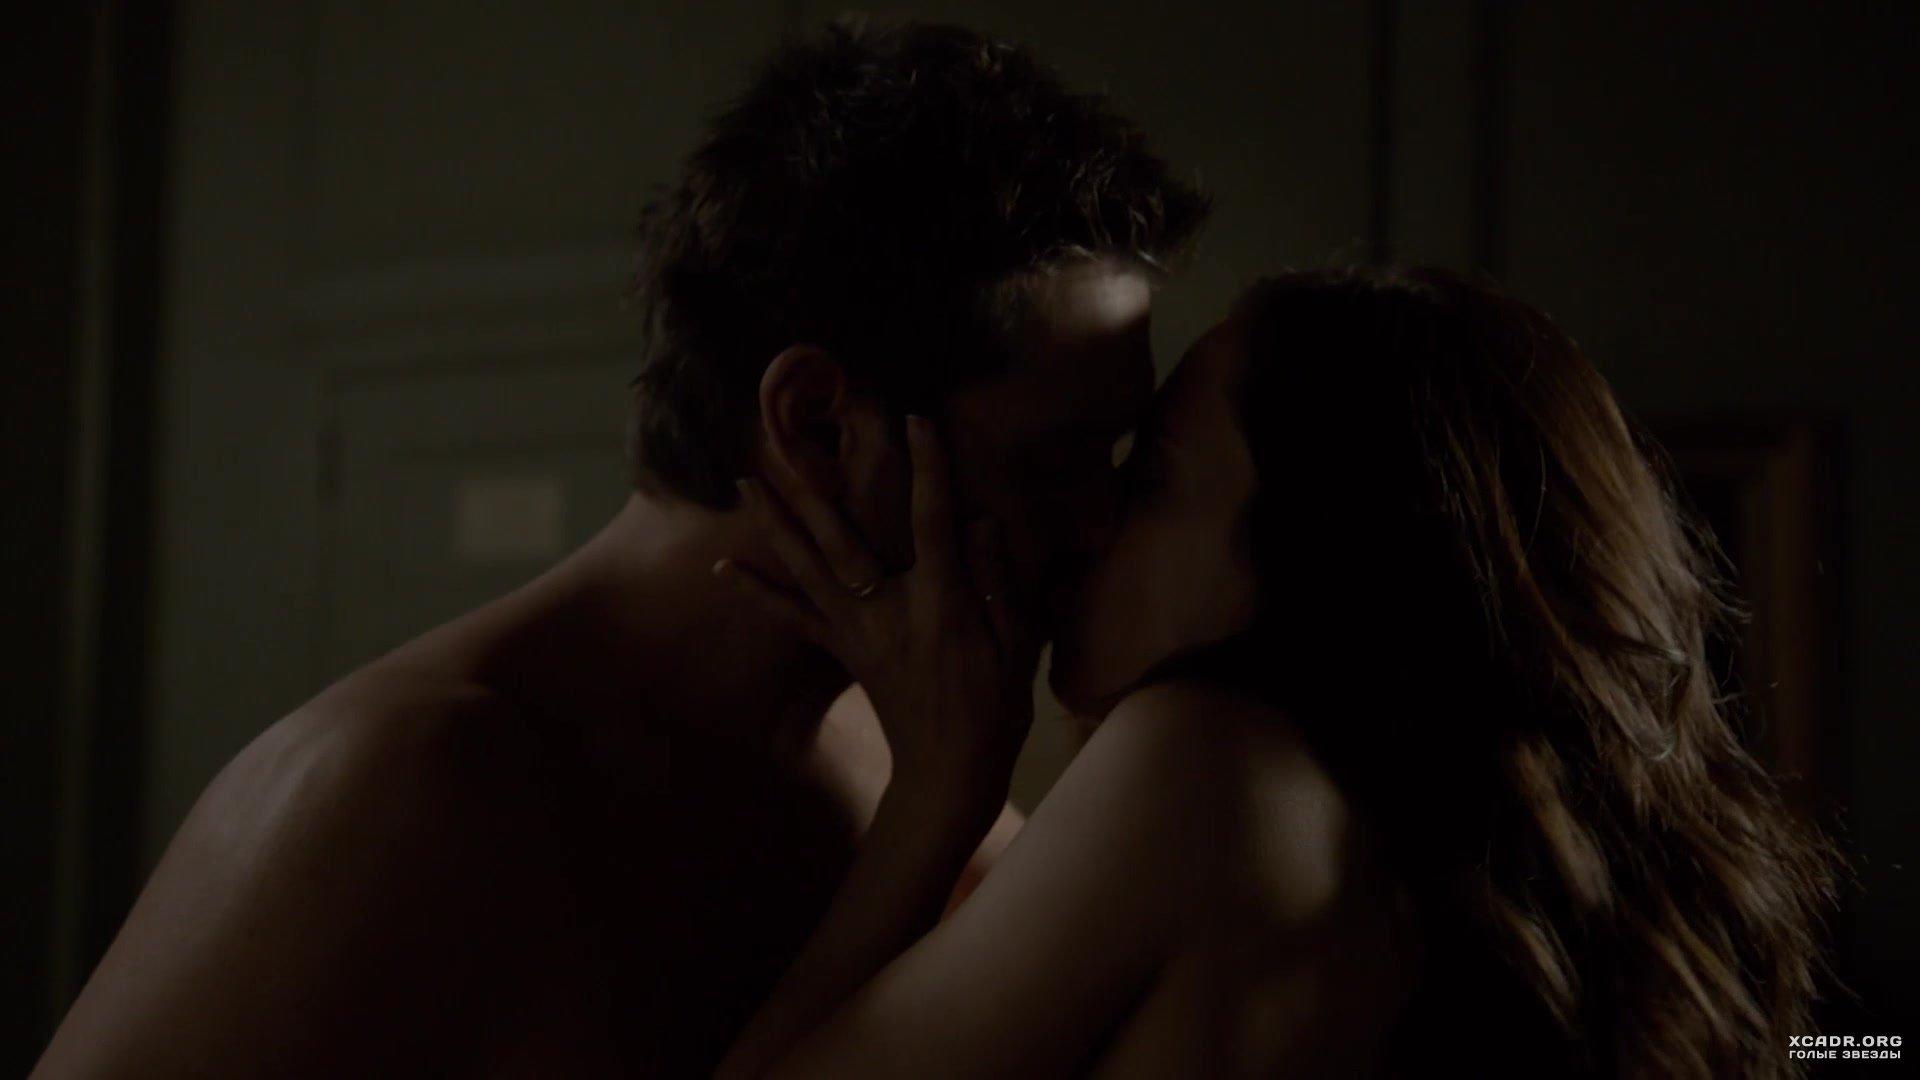 nude-eliza-dushku-sex-movie-for-free-black